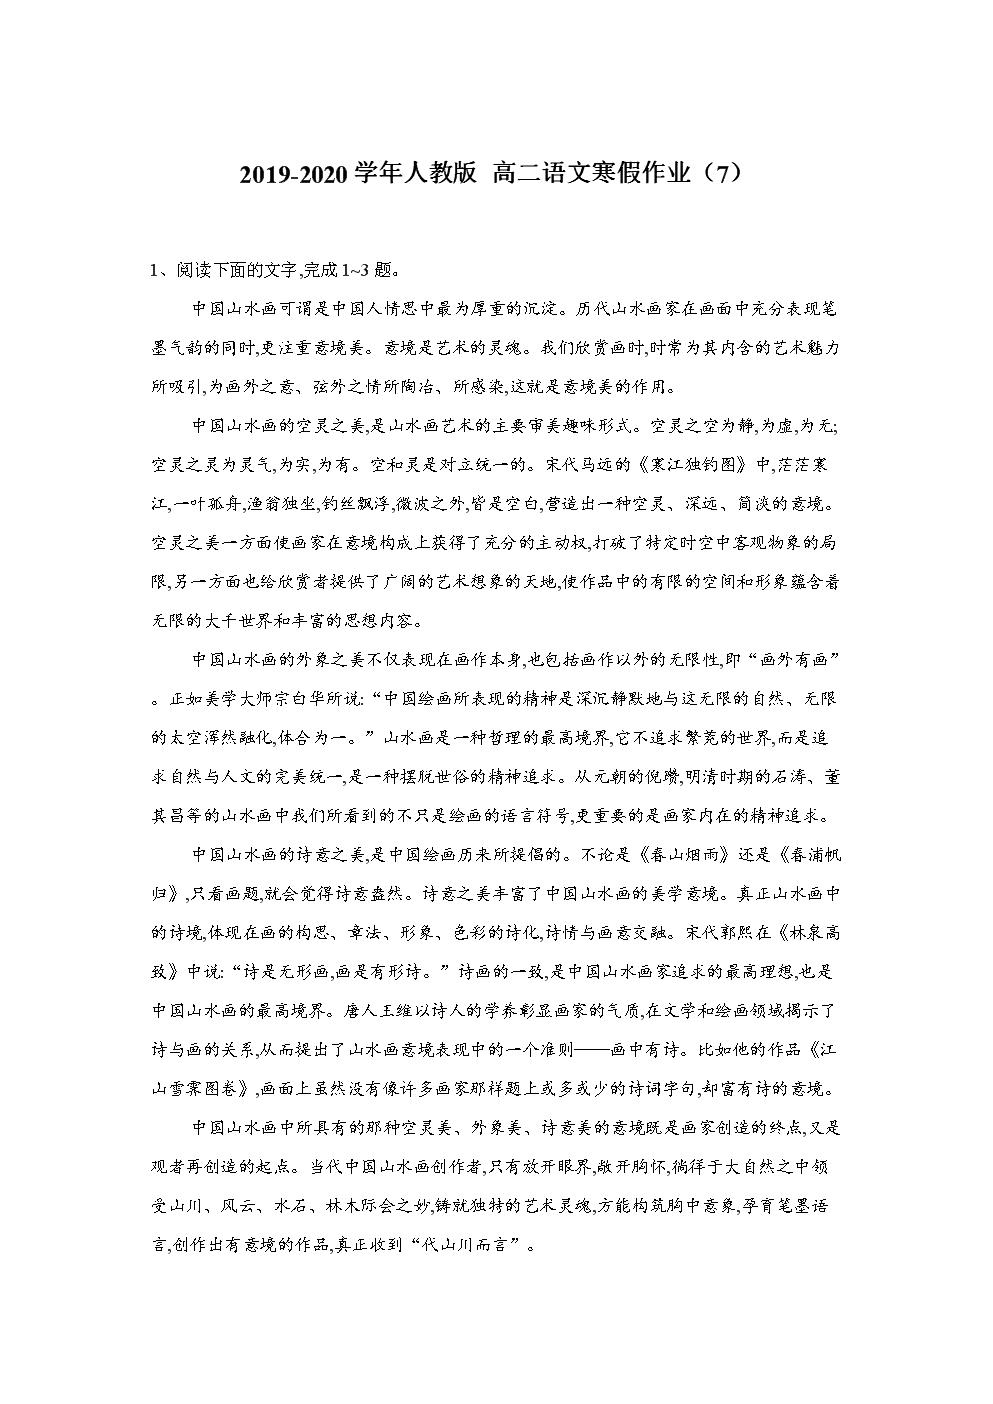 2019-2020学年人教版 高二语文寒假作业(7) Word版含答案.doc